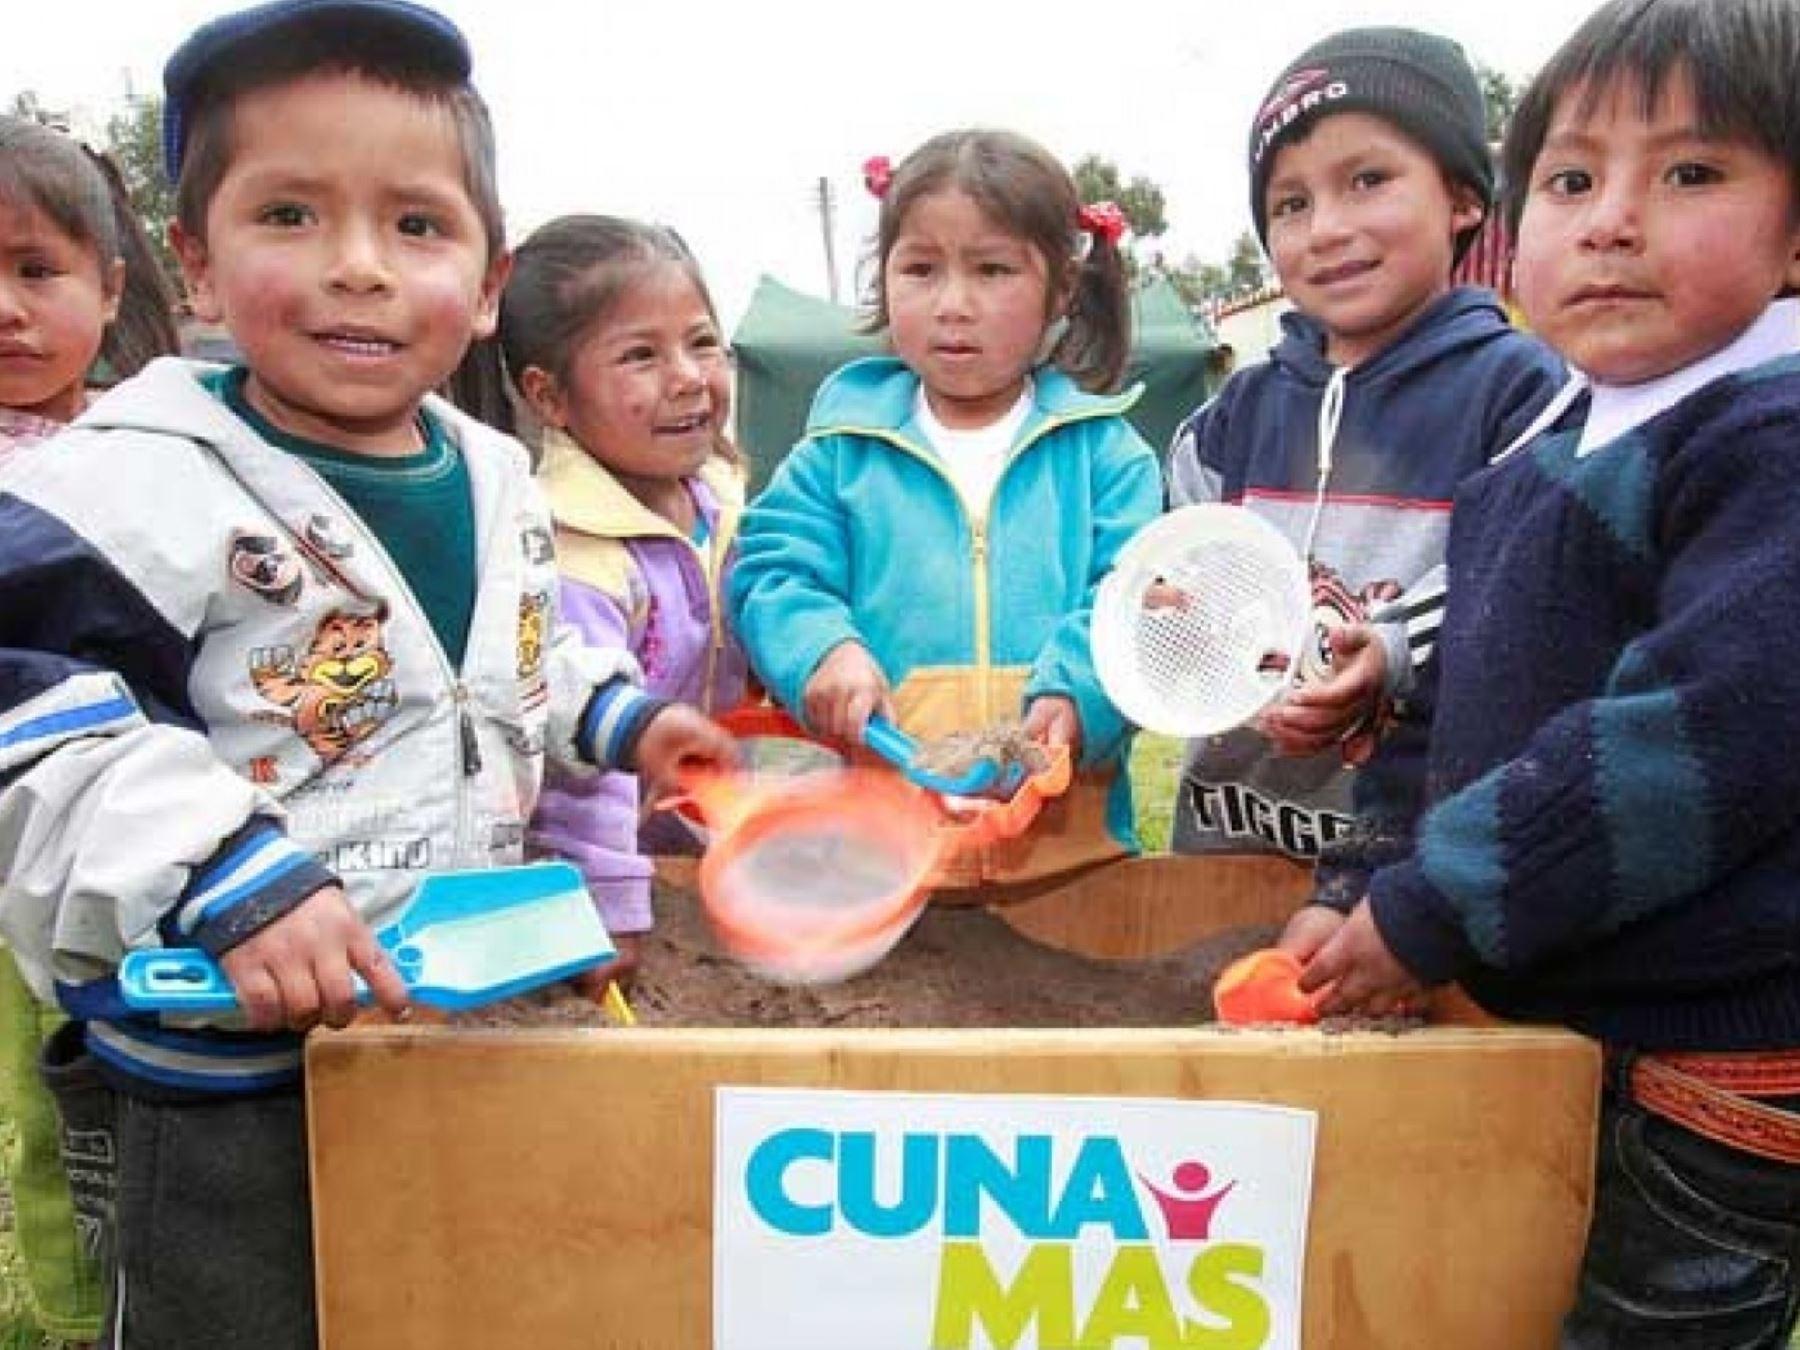 Cuna Más. Expertos de varios países latinoamericanos participarán en un encuentro internacional en Lima sobre el desarrollo de la primera infancia.